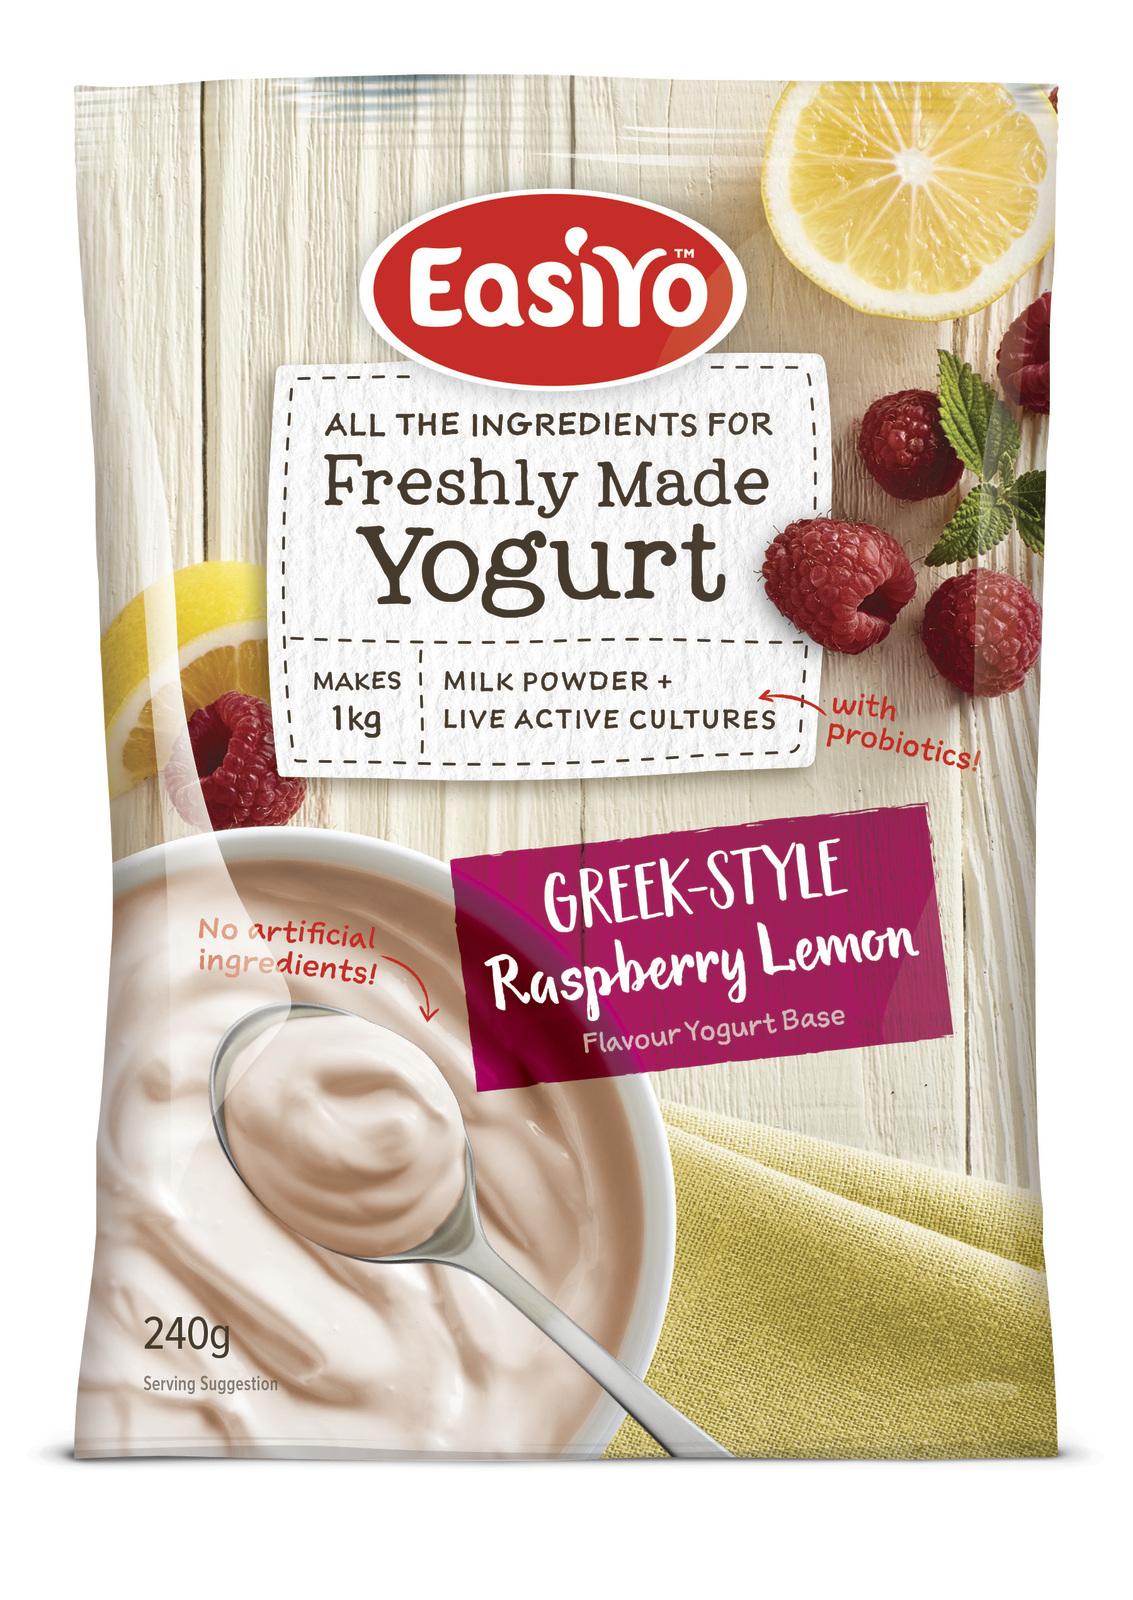 Easiyo Greek-Style Raspberry & Lemon (230g) image